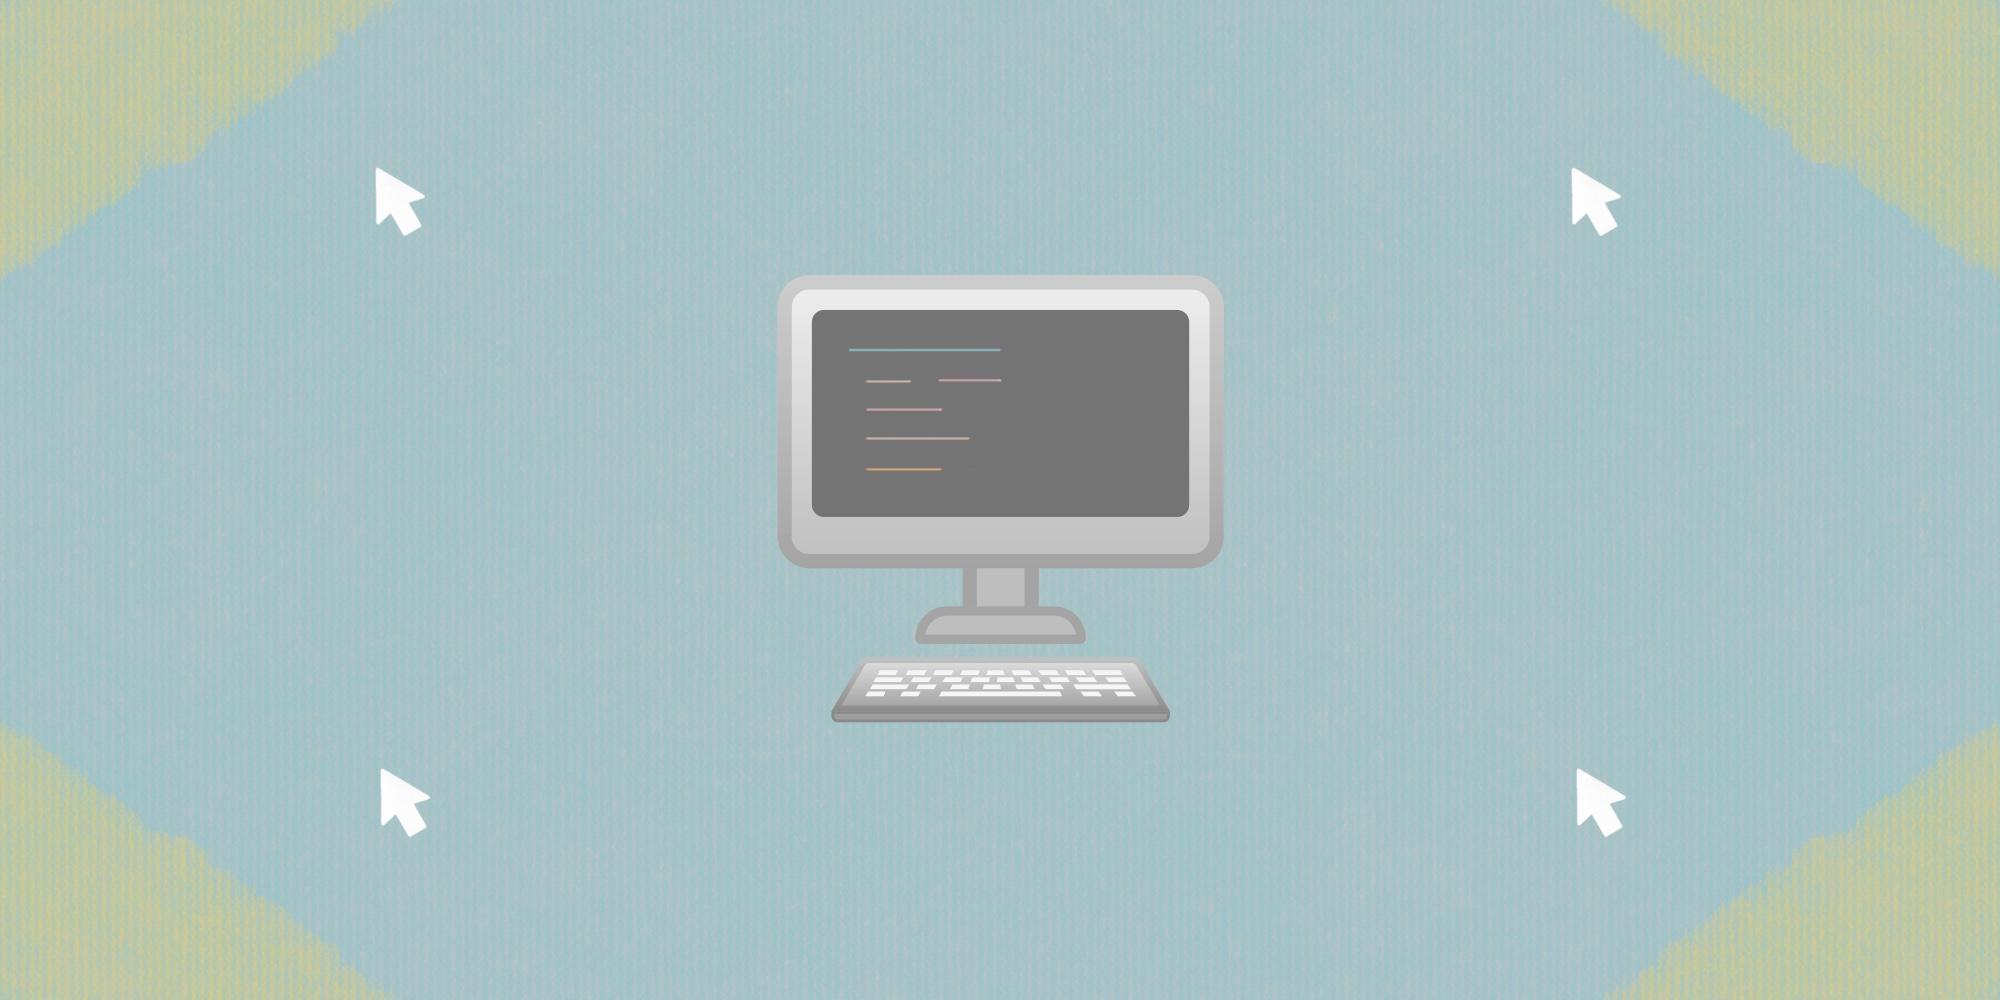 🕸 Обучение веб-разработке: полезные сервисы, о которых в 2021 году должен знать каждый